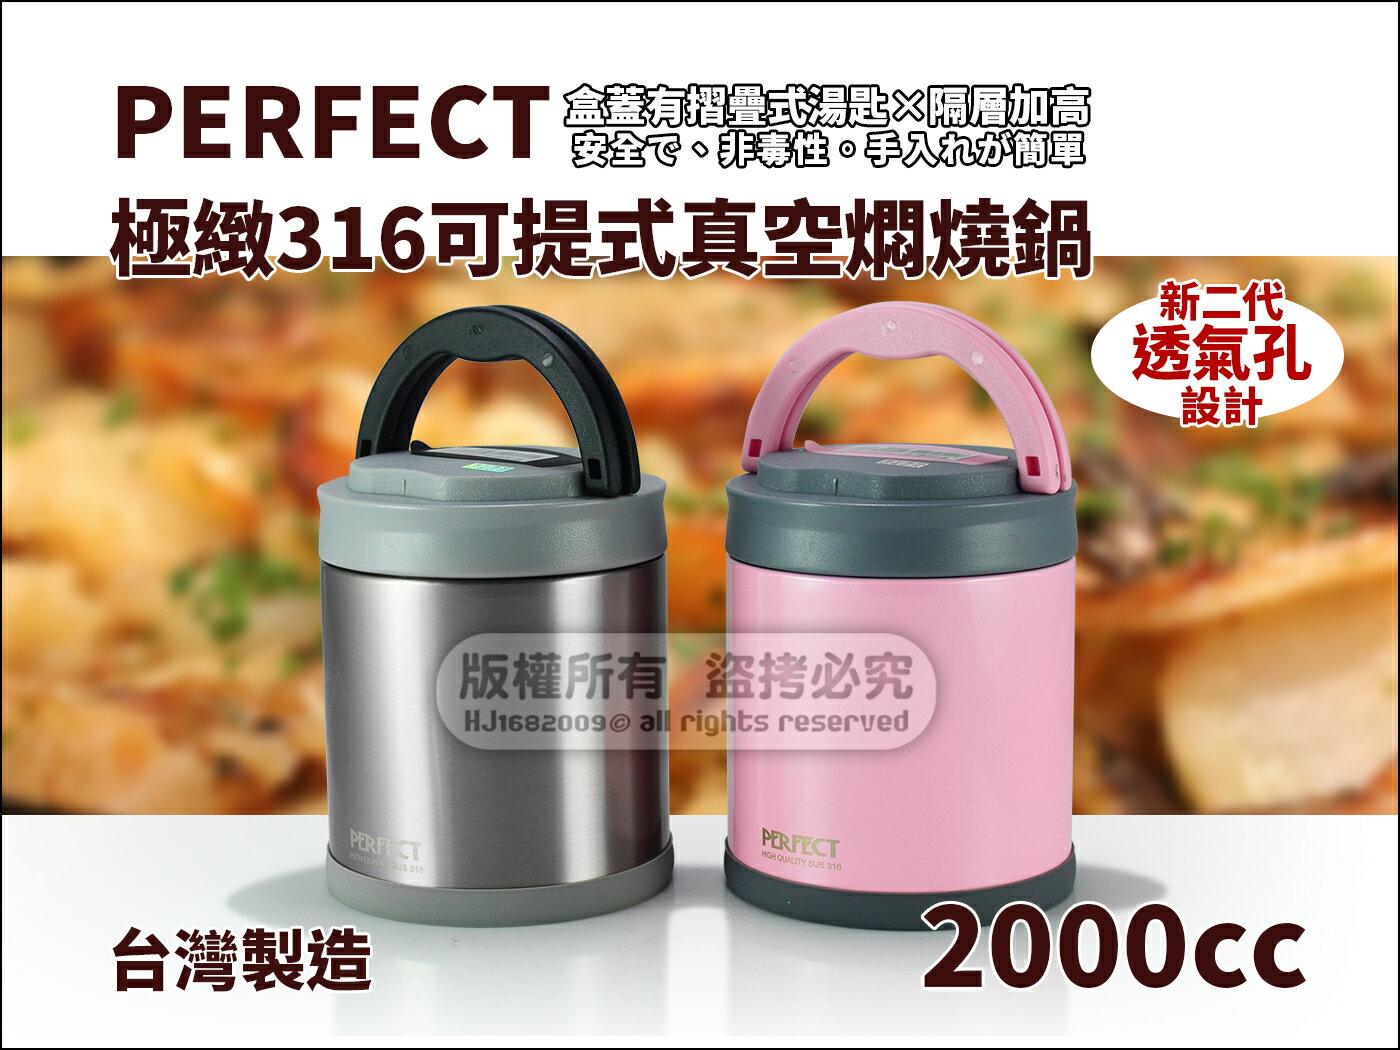 快樂屋♪ PERFECT 極緻 316不銹鋼 可提式真空悶燒鍋 2000cc 保溫便當盒 【新二代透氣孔】 台灣製造